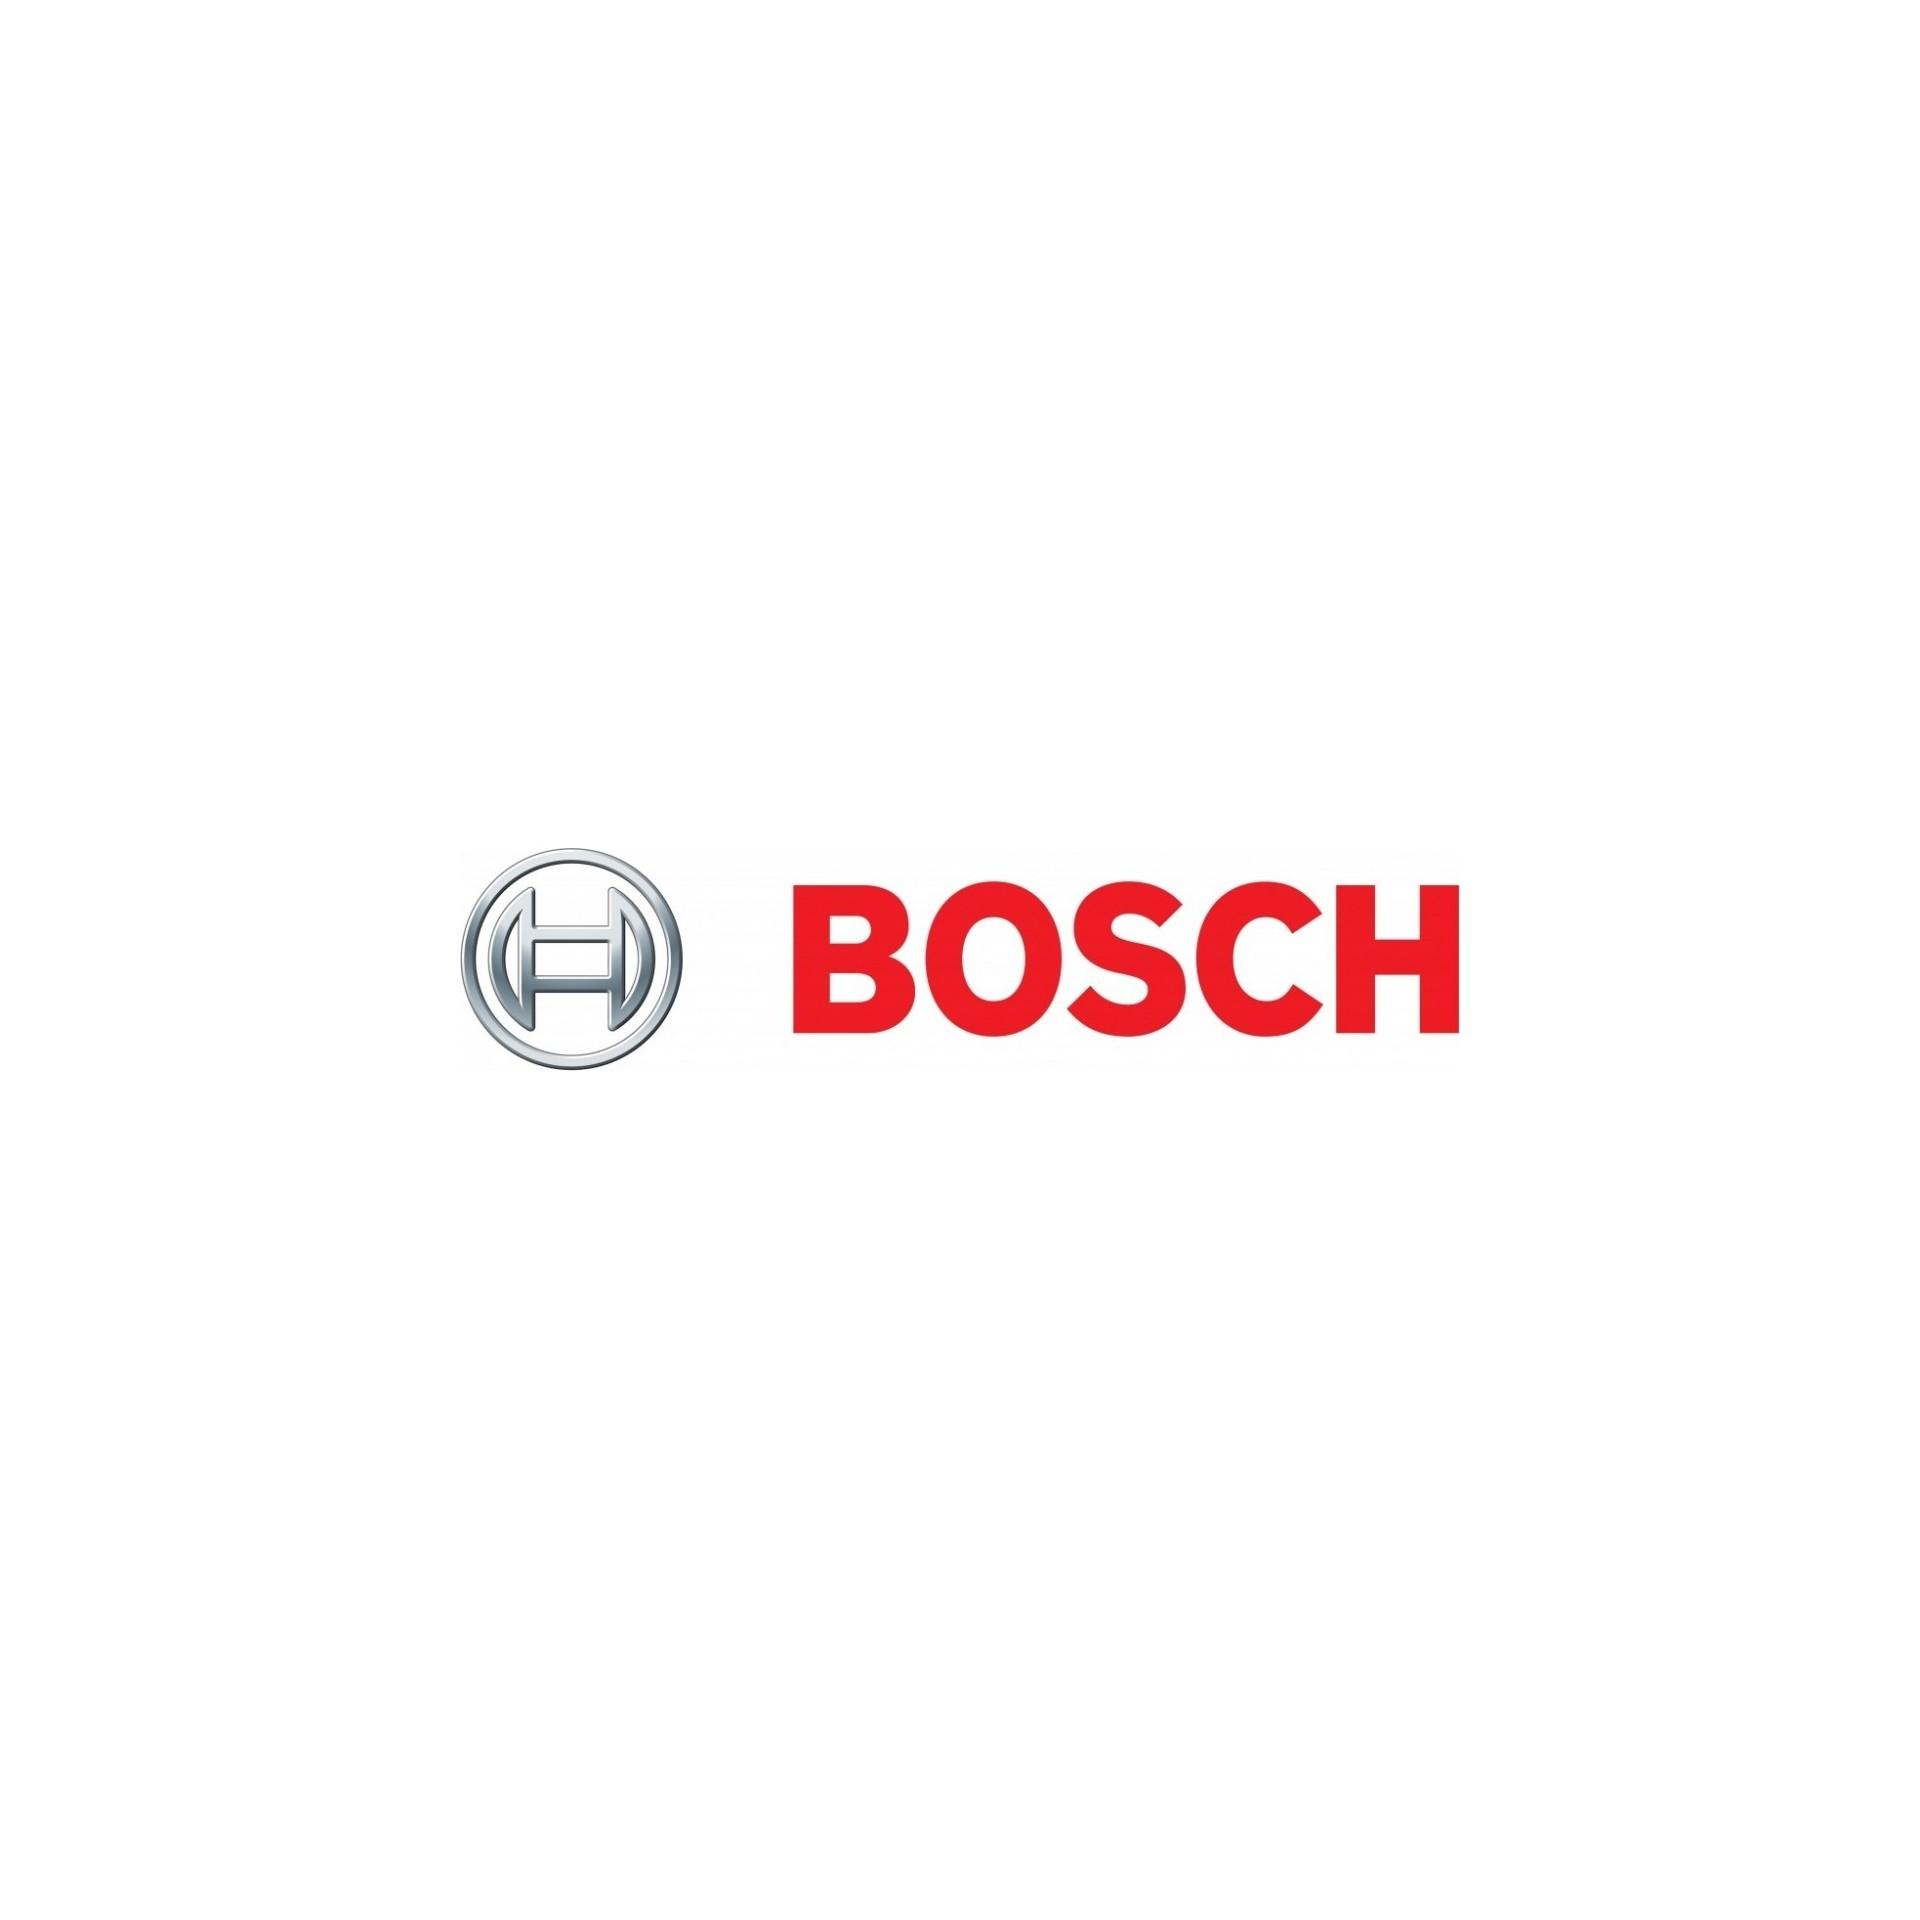 Rowery Elektryczne Bosch Maksymalne Osiągi 4 jednostki Napędowe